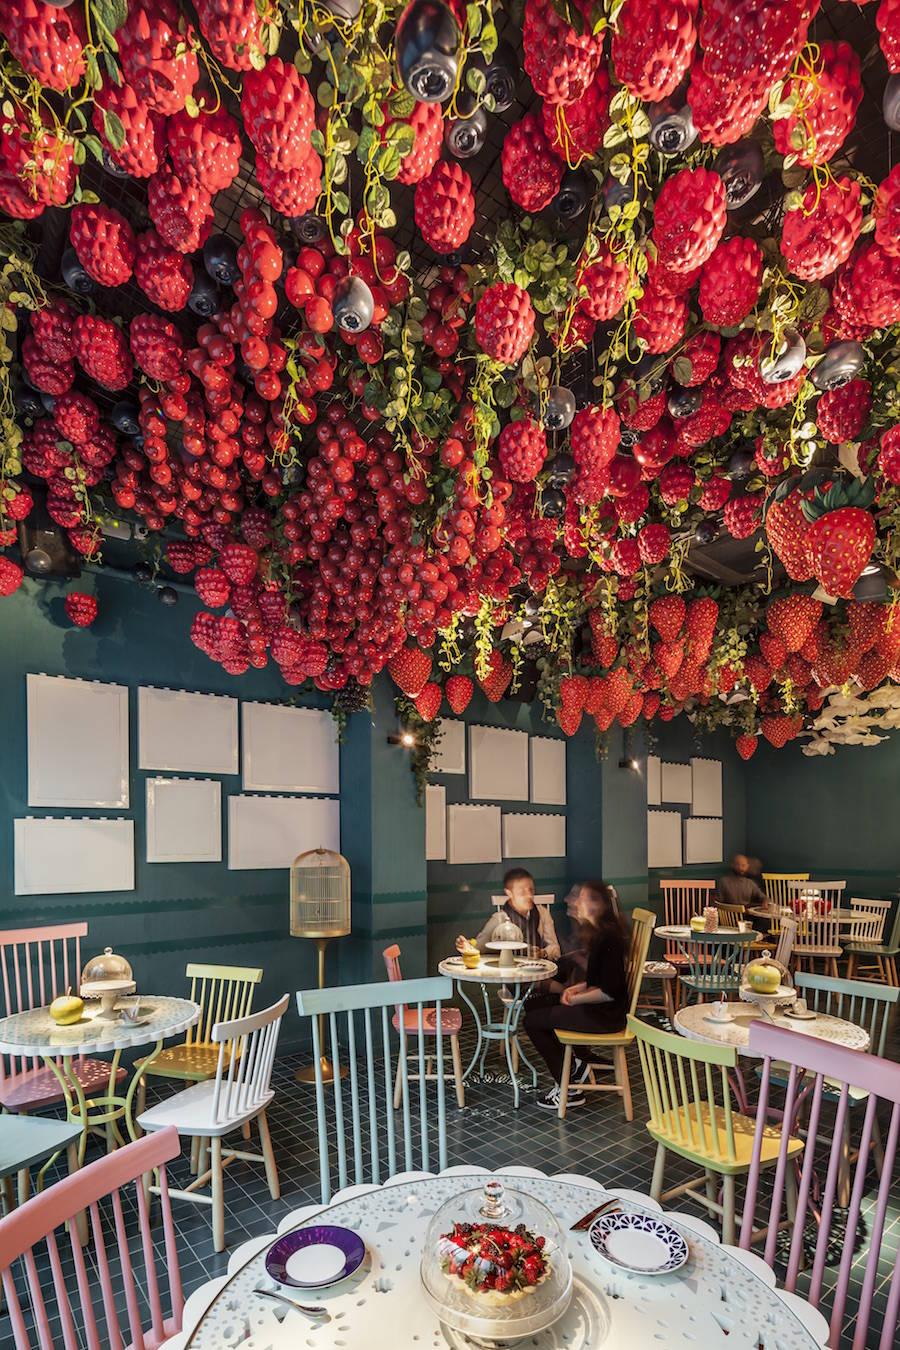 Ресторан десертов с ягодами на потолке в Барселоне